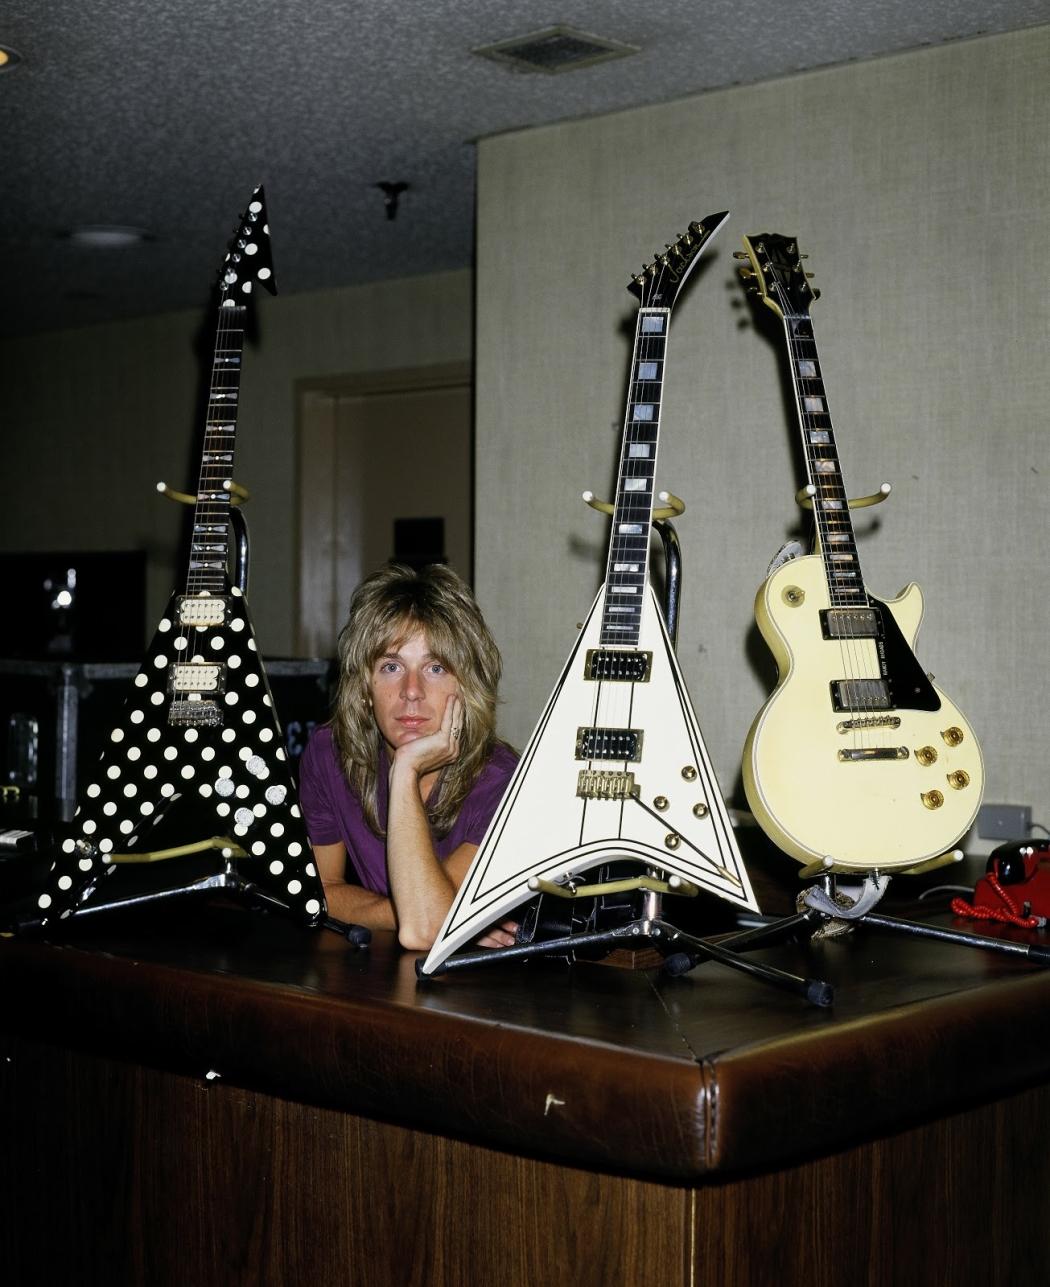 Tus fotos favoritas de los dioses del rock, o algo - Página 3 Randy-rhoads-personal-guitars